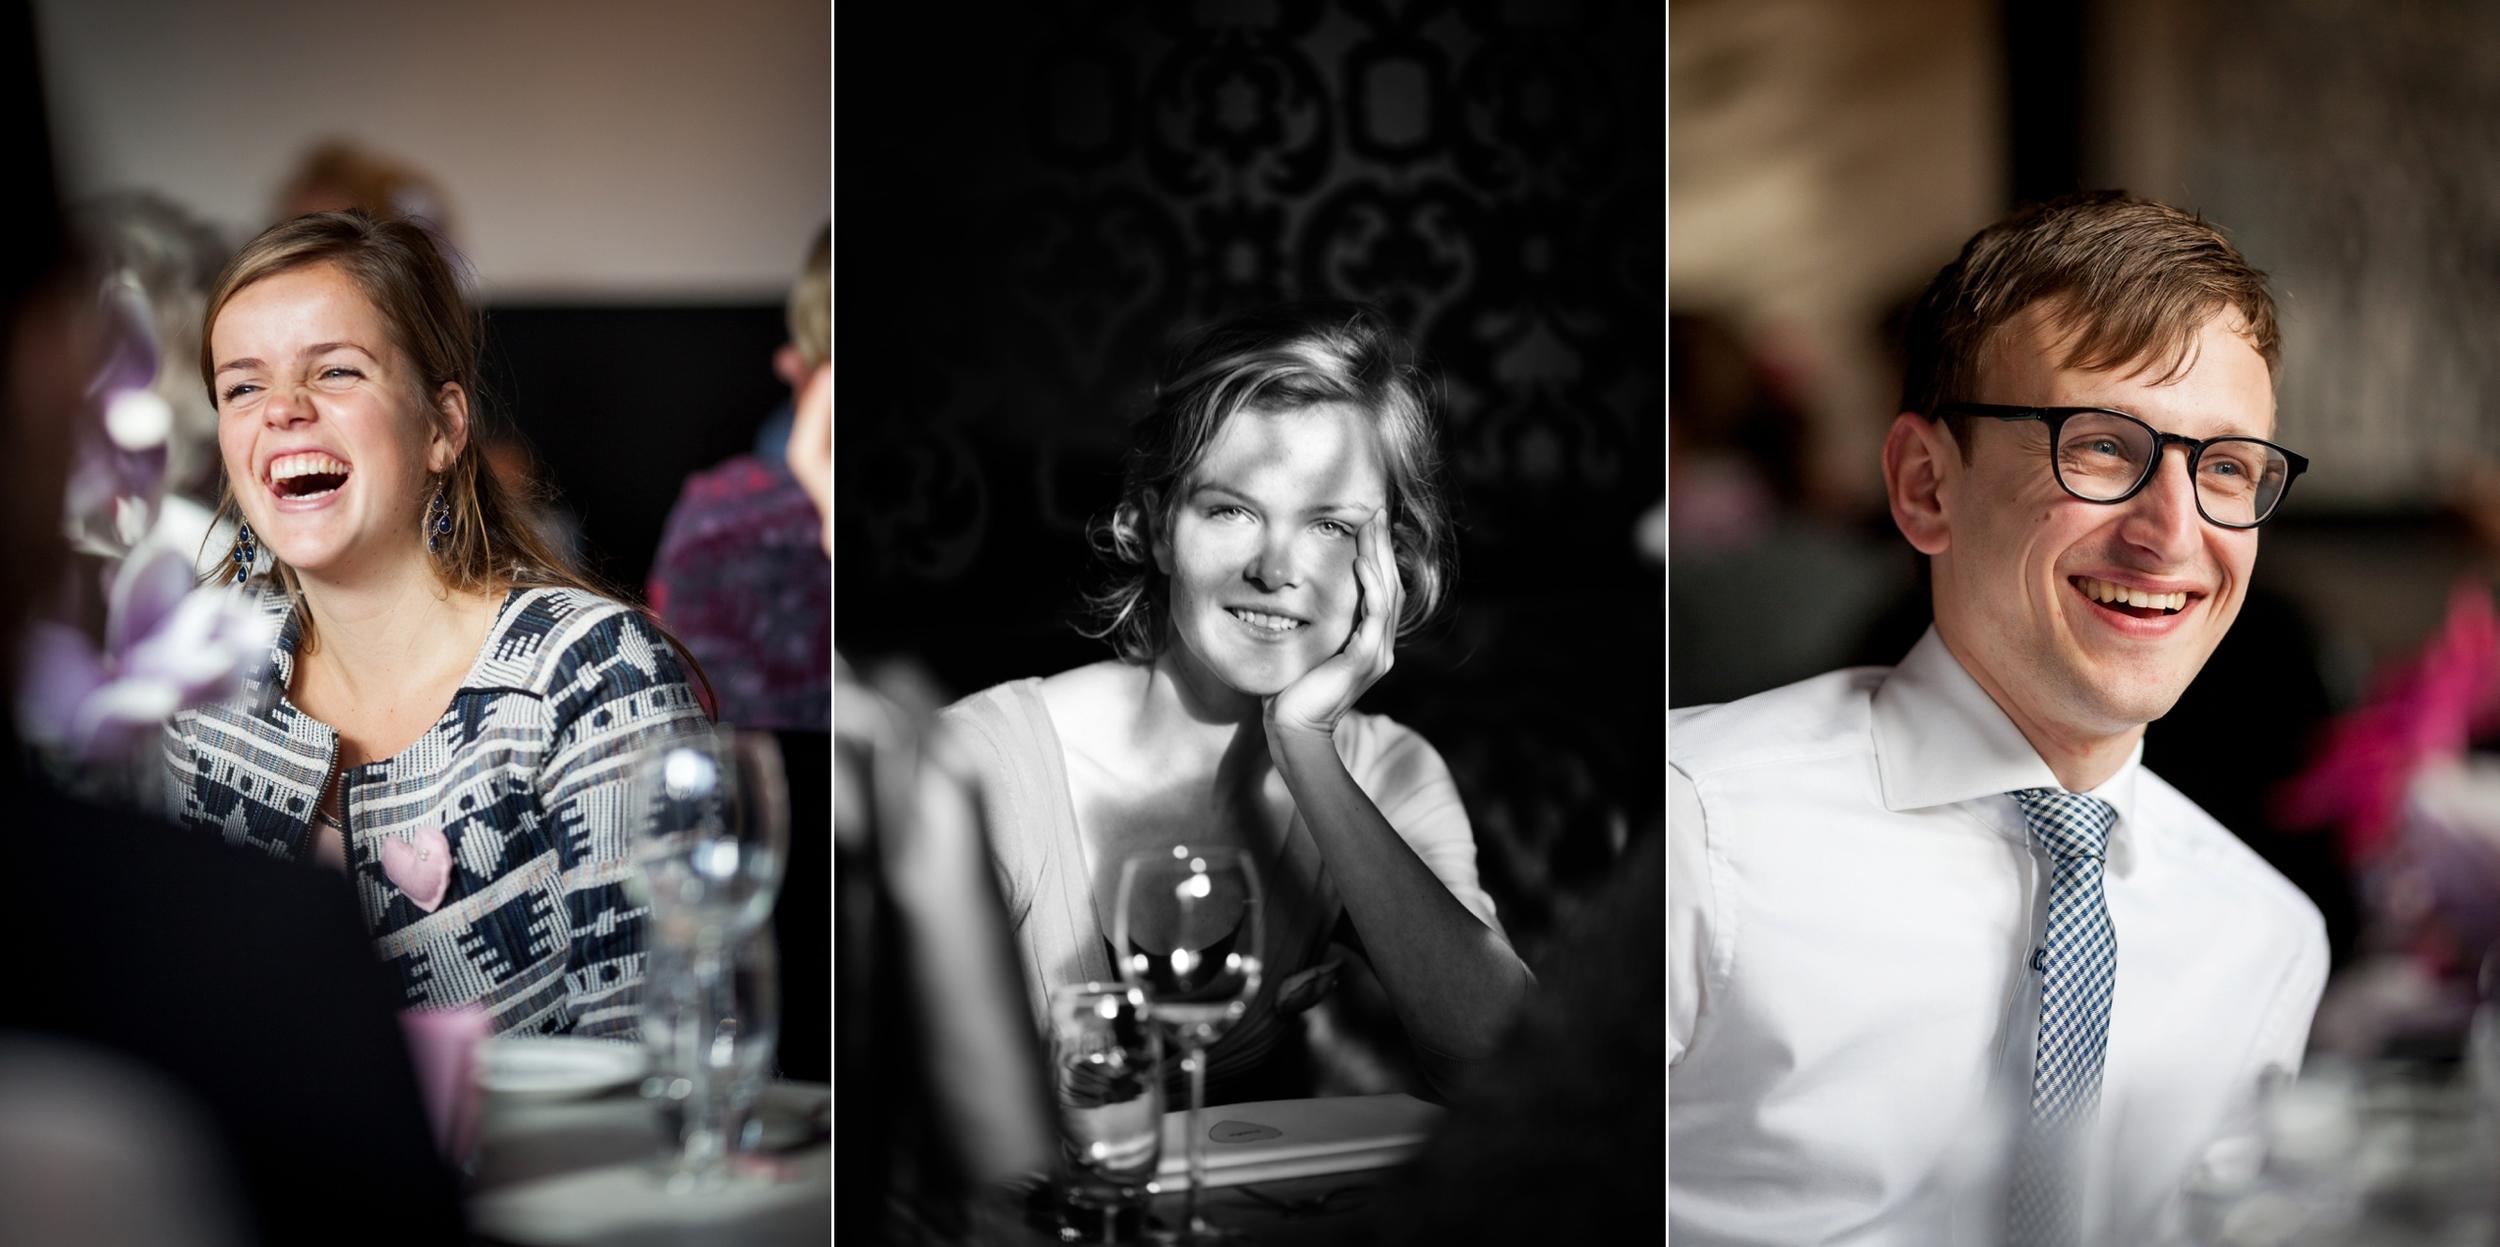 bruidsfotograaf-ede-utrecht-trouwfotograaf-trouwen-bruiloft_0280.jpg